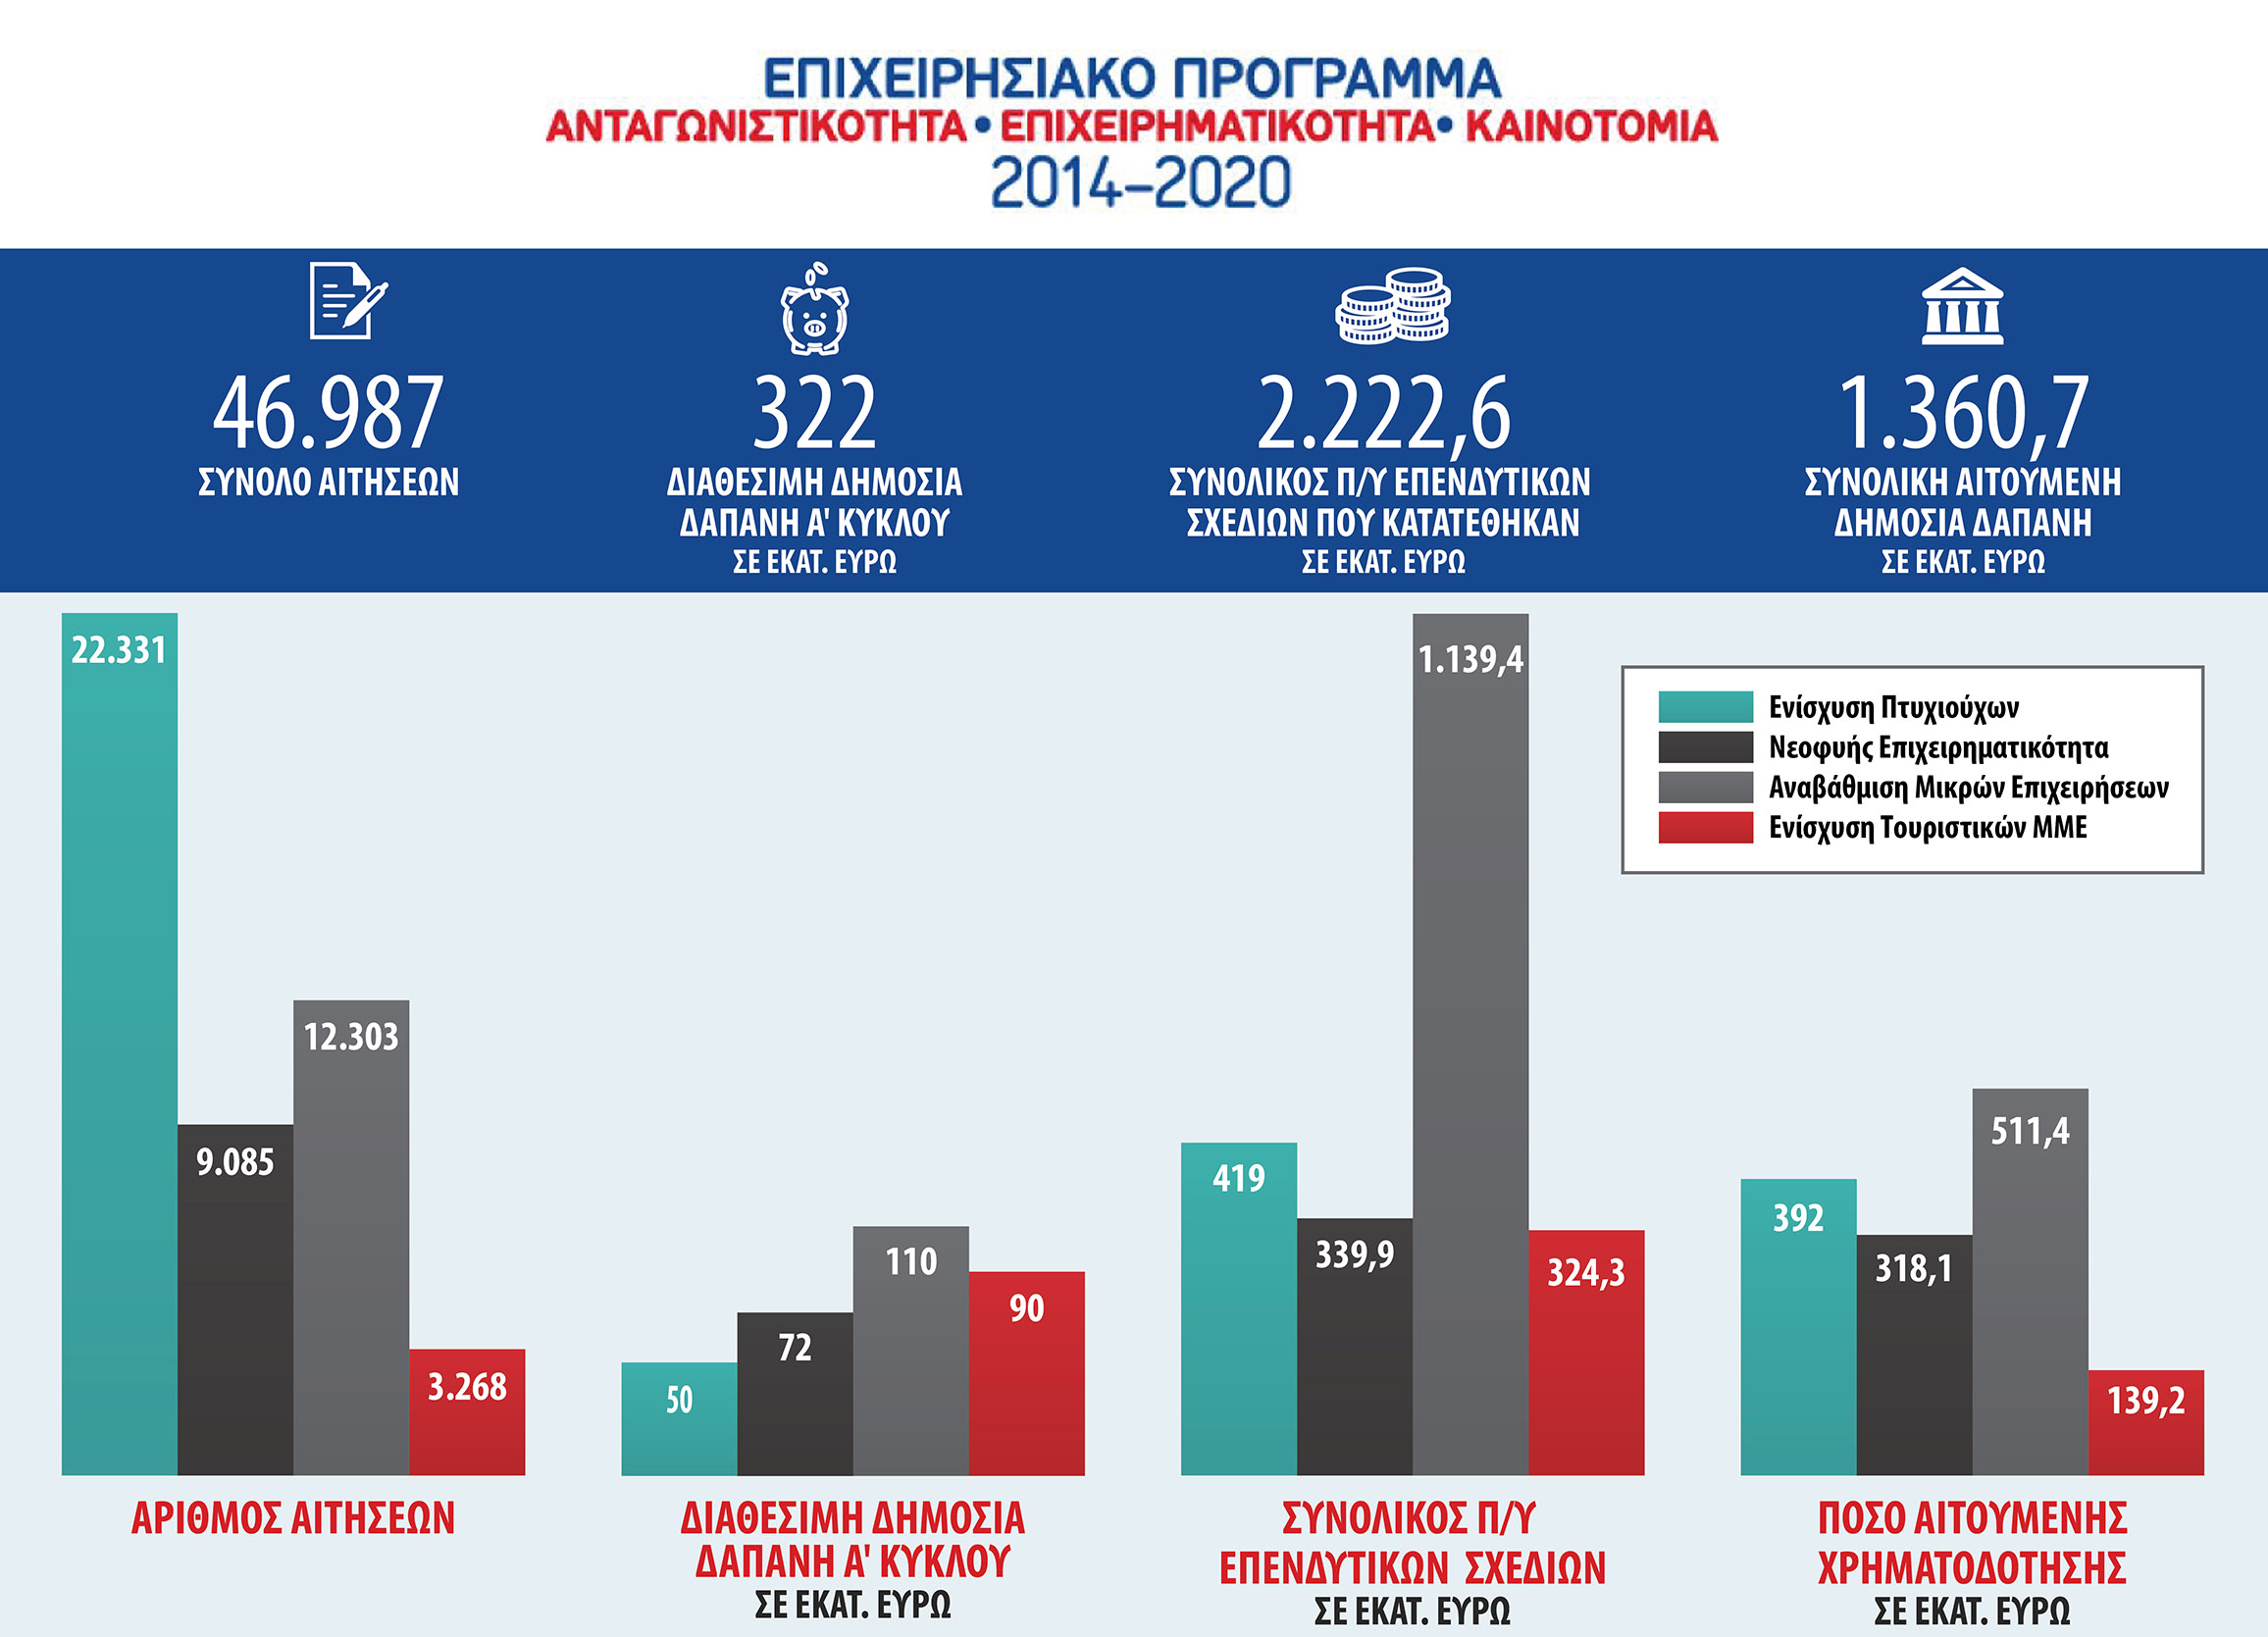 epan-infographic-3